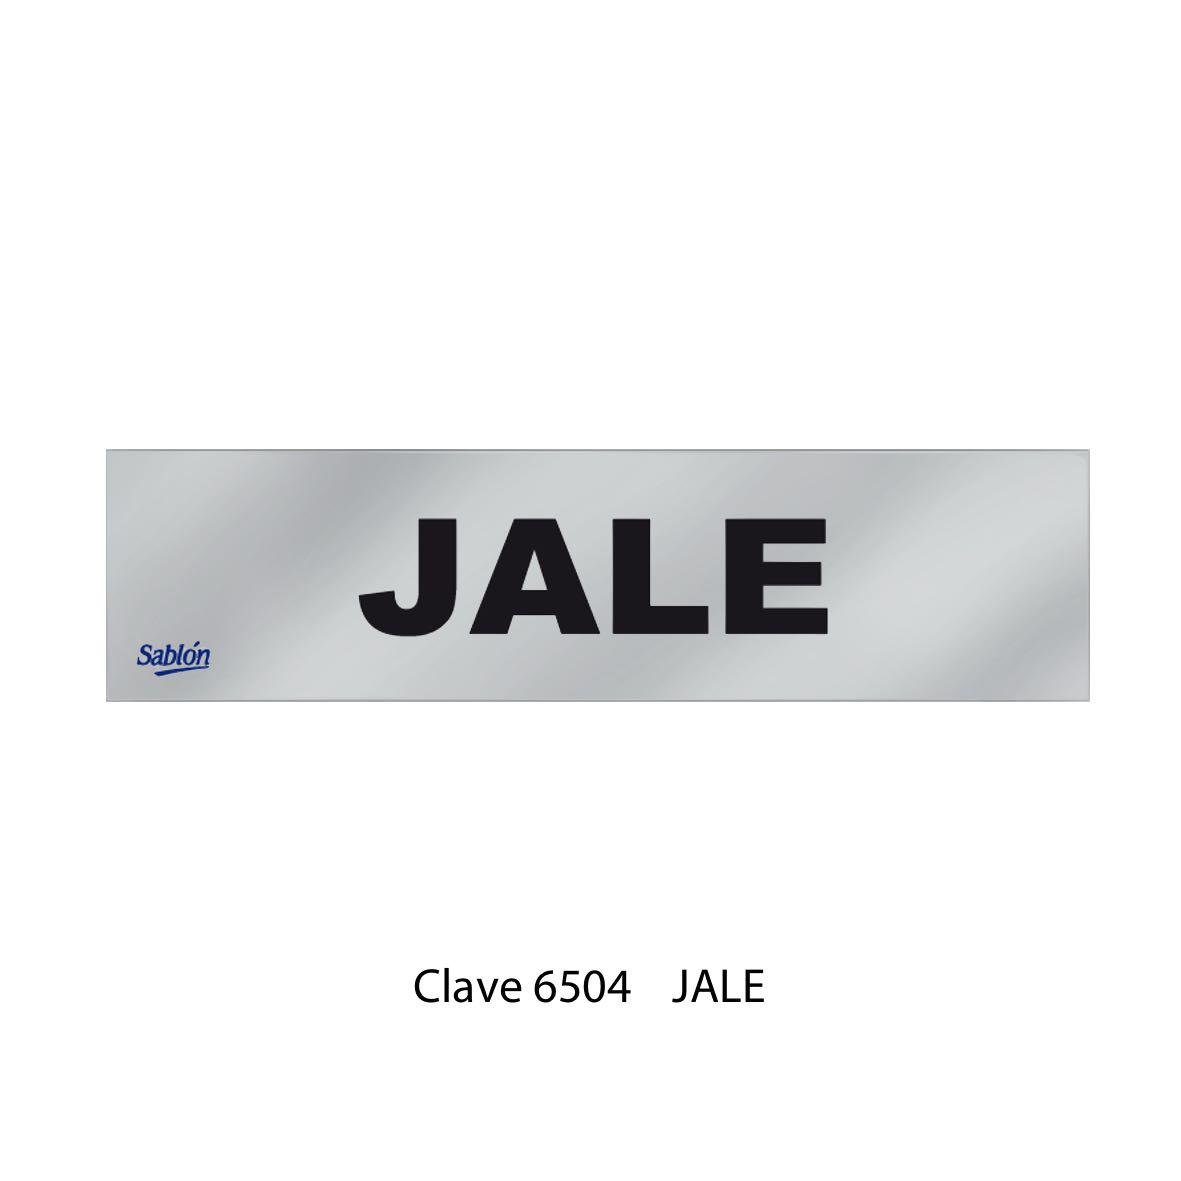 Señal Jale Modelo 6504 - Sablón